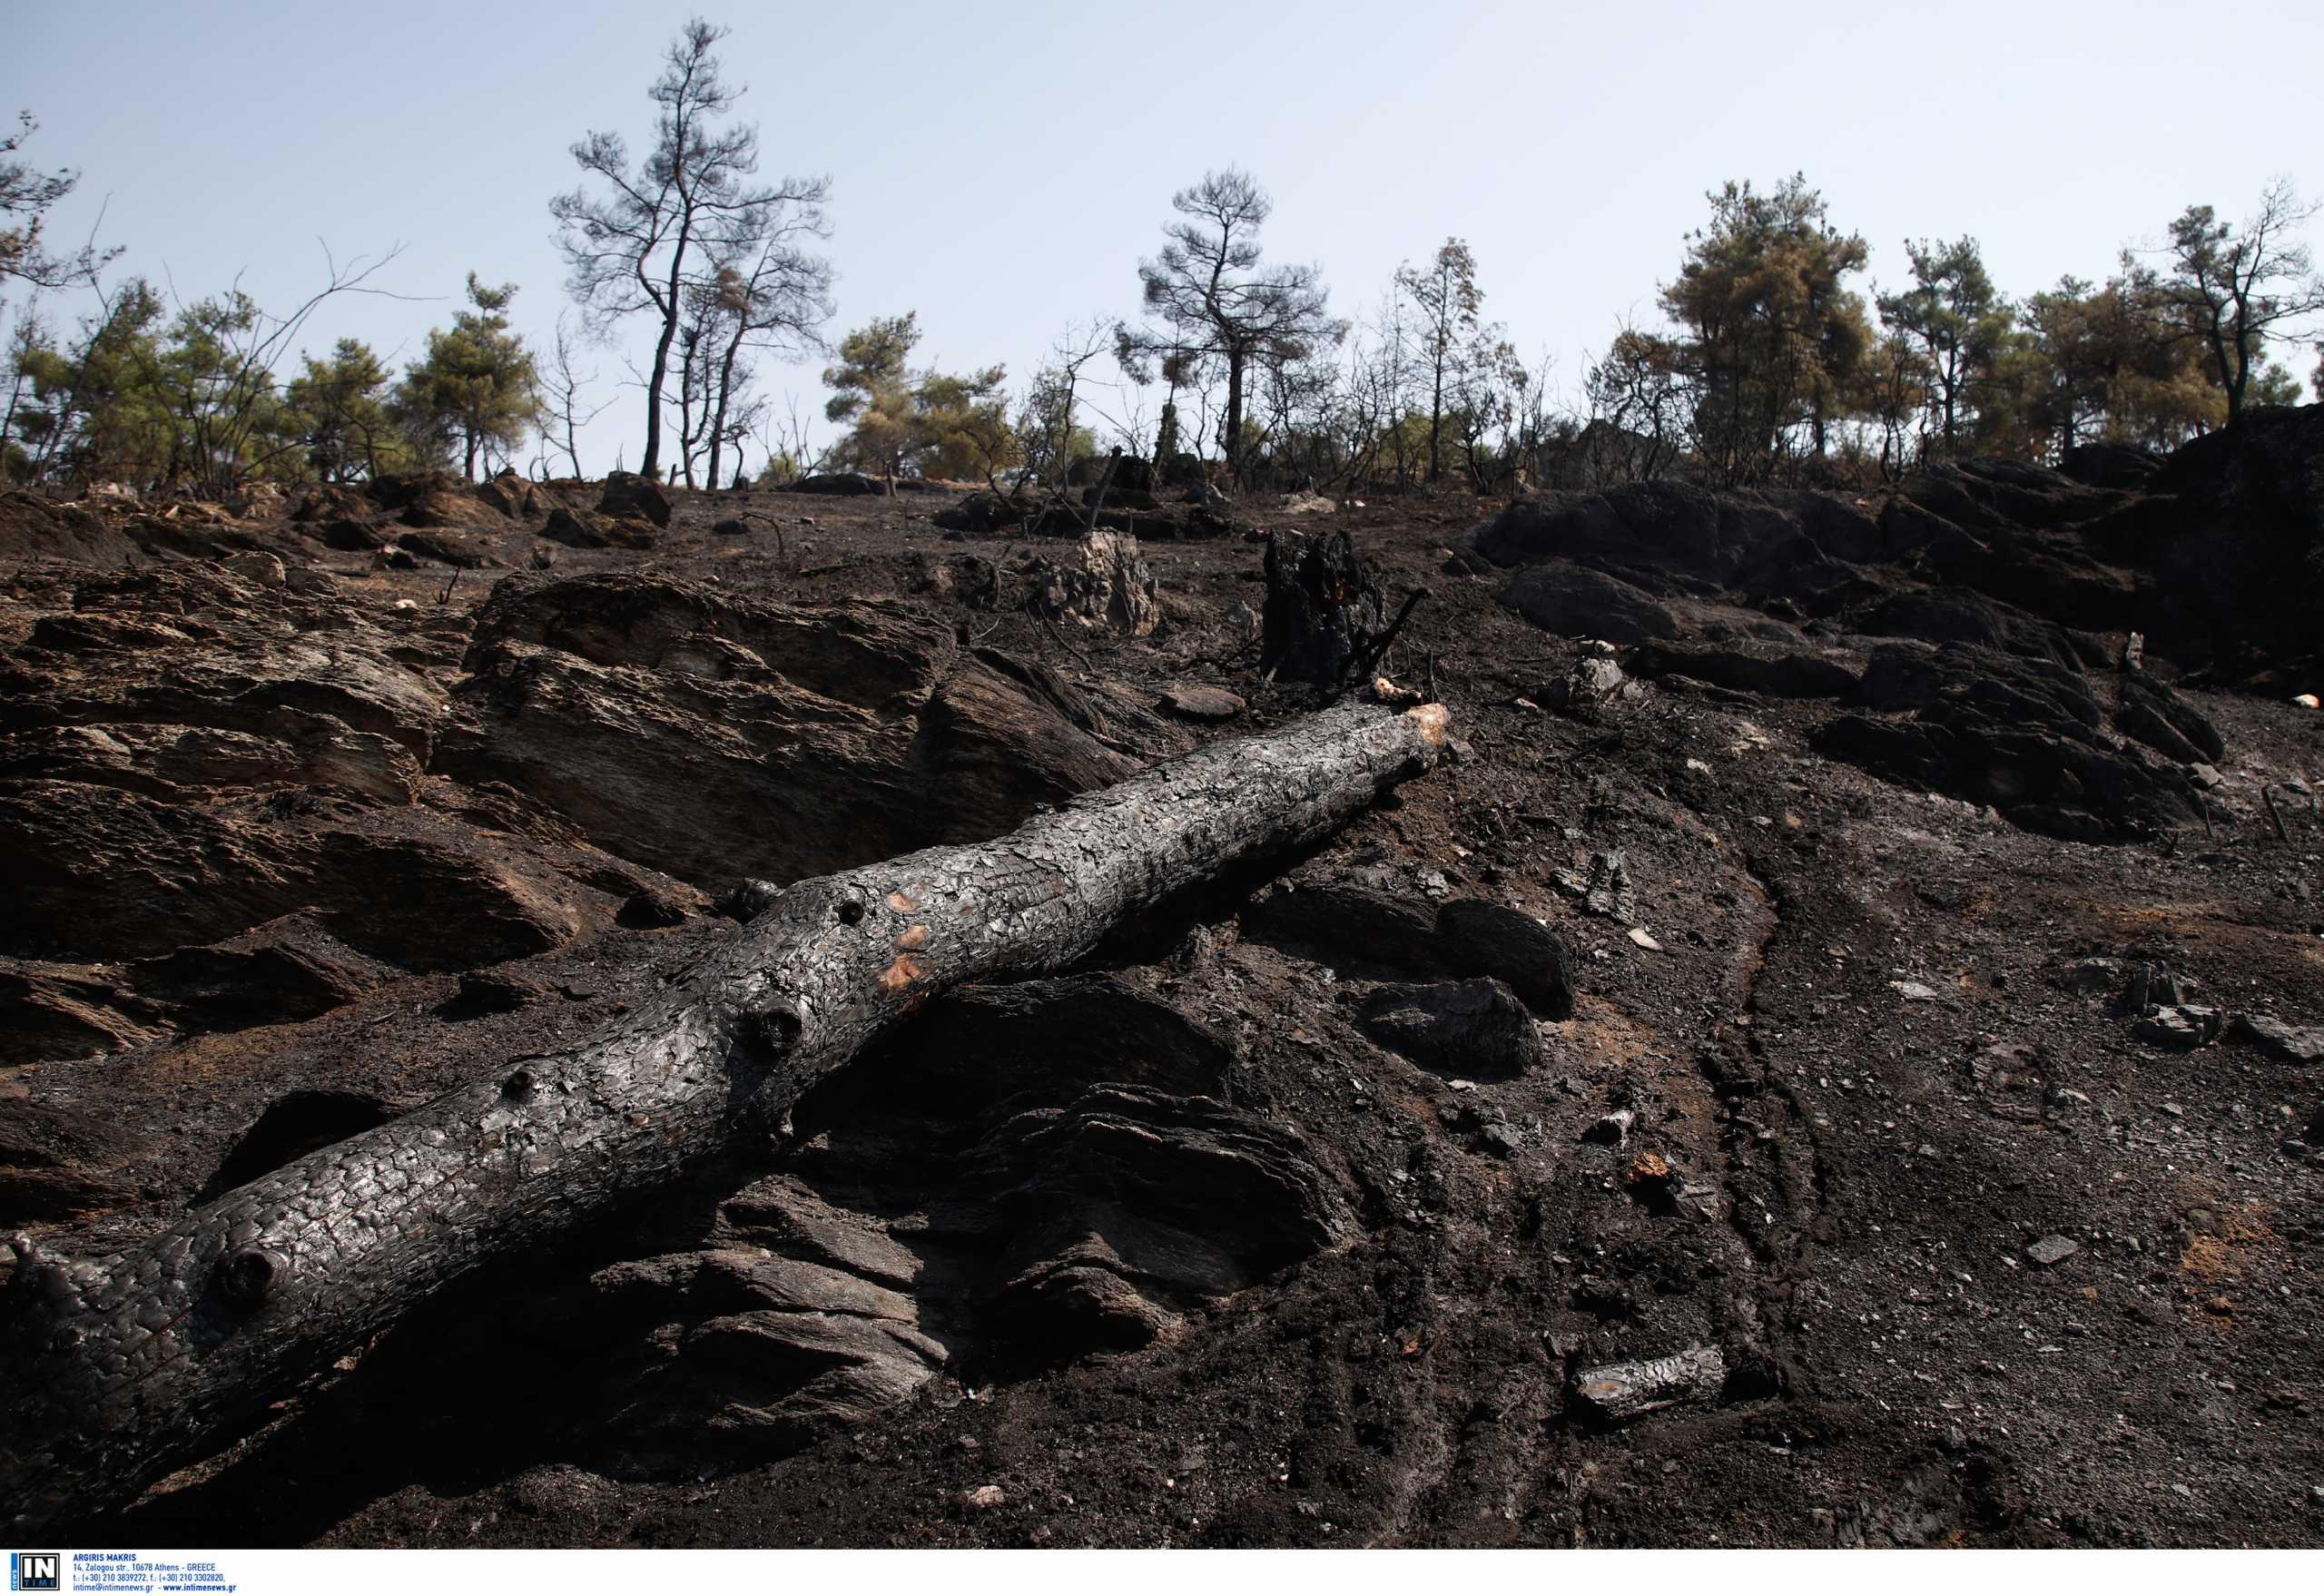 Θεσσαλονίκη: Μαύρο παντού στο Σέιχ Σου – Αυτοψία μετά τη φωτιά που κατέκαψε το δάσος